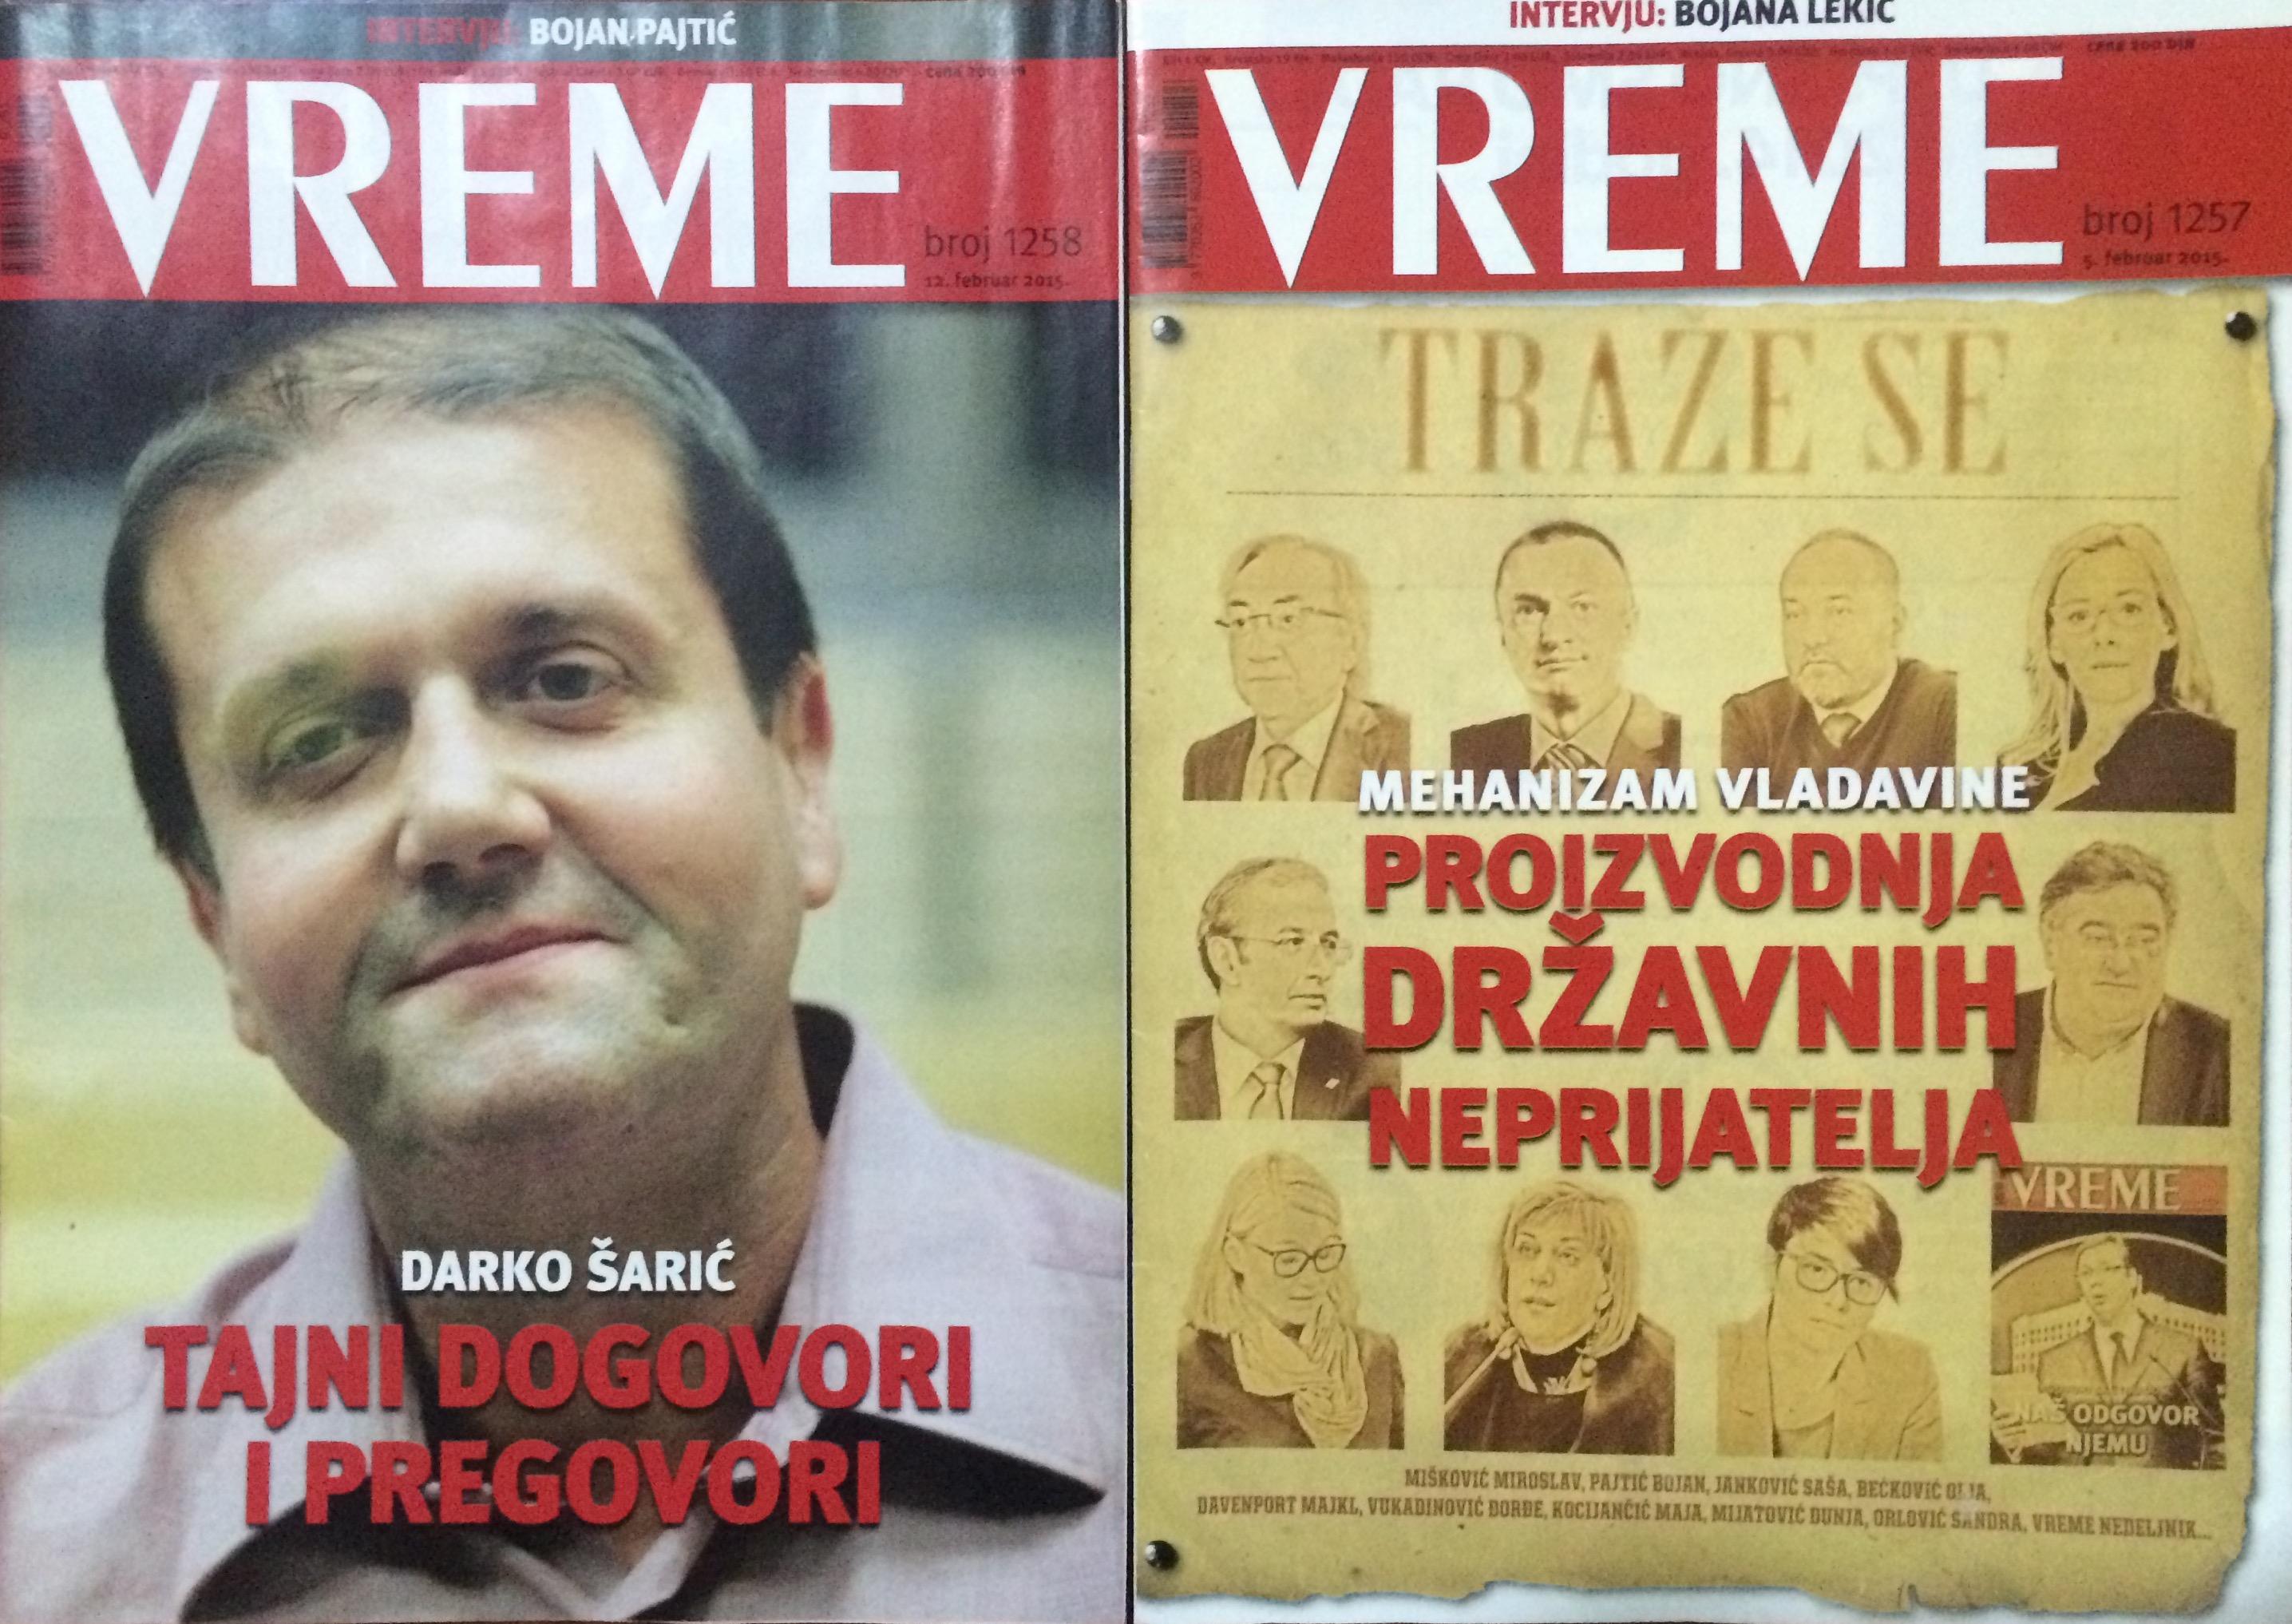 Vreme est un des seuls hebdomadaires serbes à oser critiquer le Premier ministre.